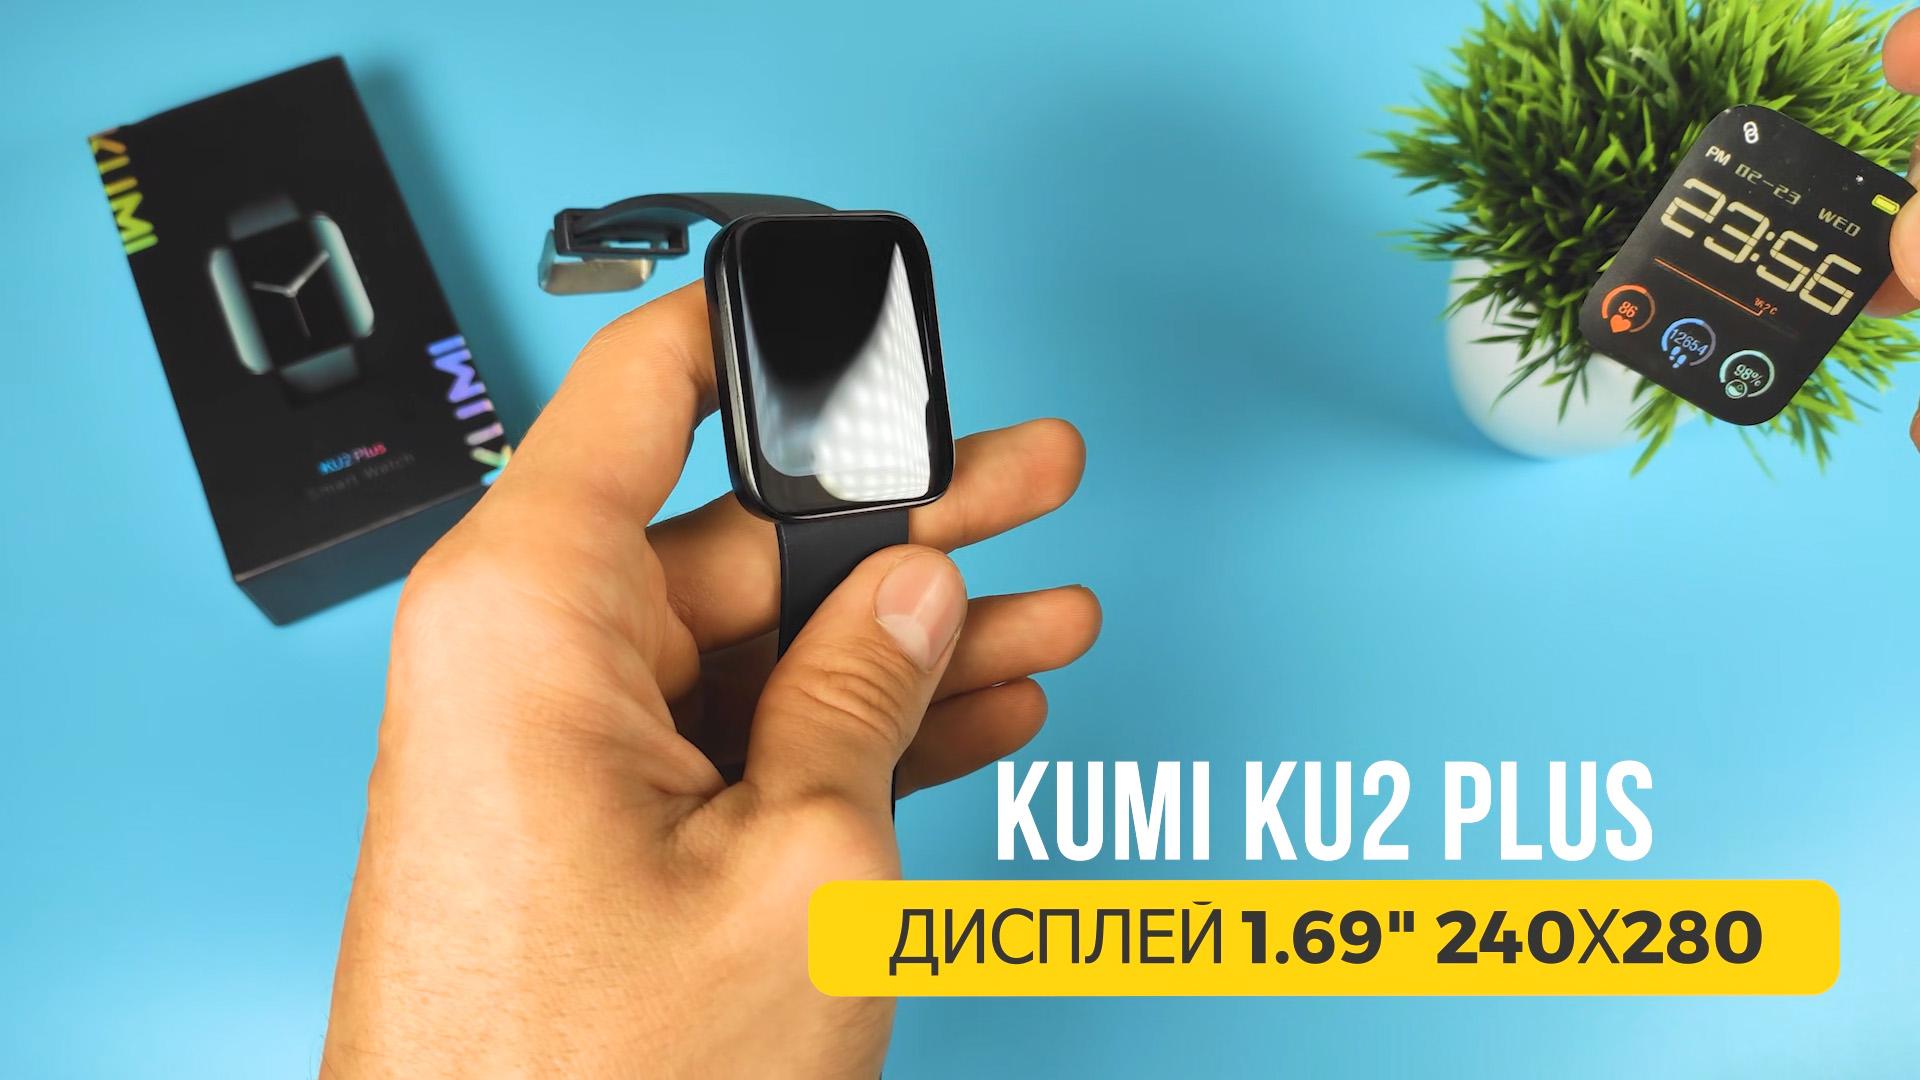 KUMI KU2 PLUS дисплей